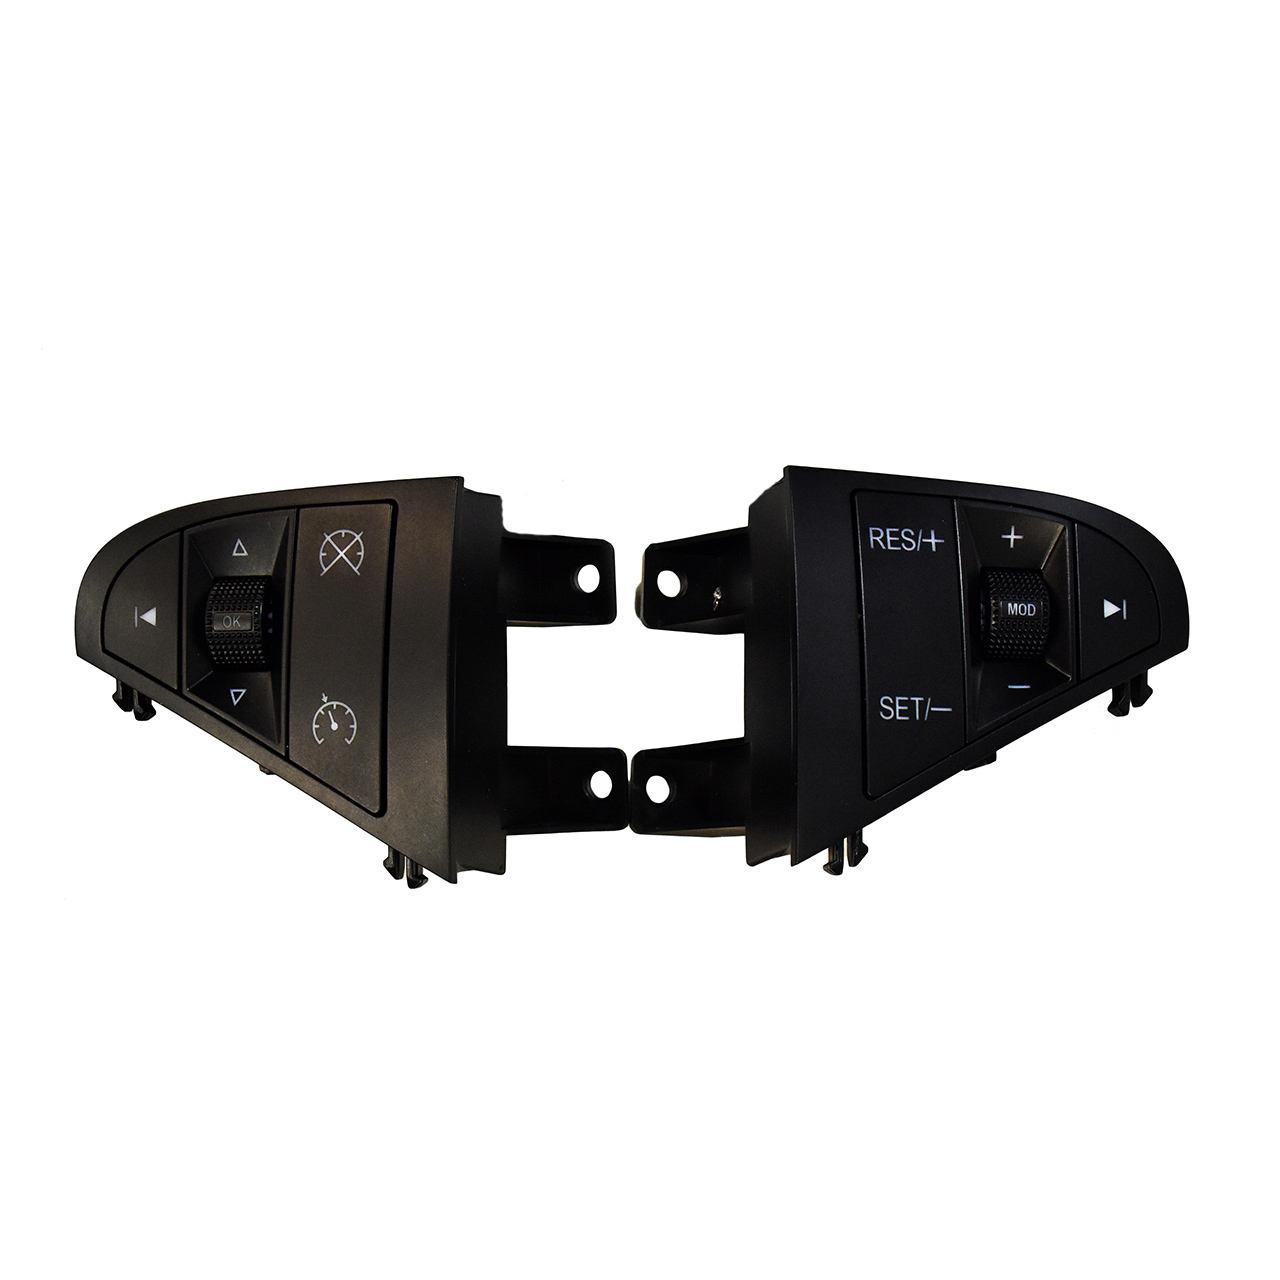 کروز کنترل نوتاش مدل H320-330 مناسب برای  برلیانس ۱۵۰۰ سی سی دنده